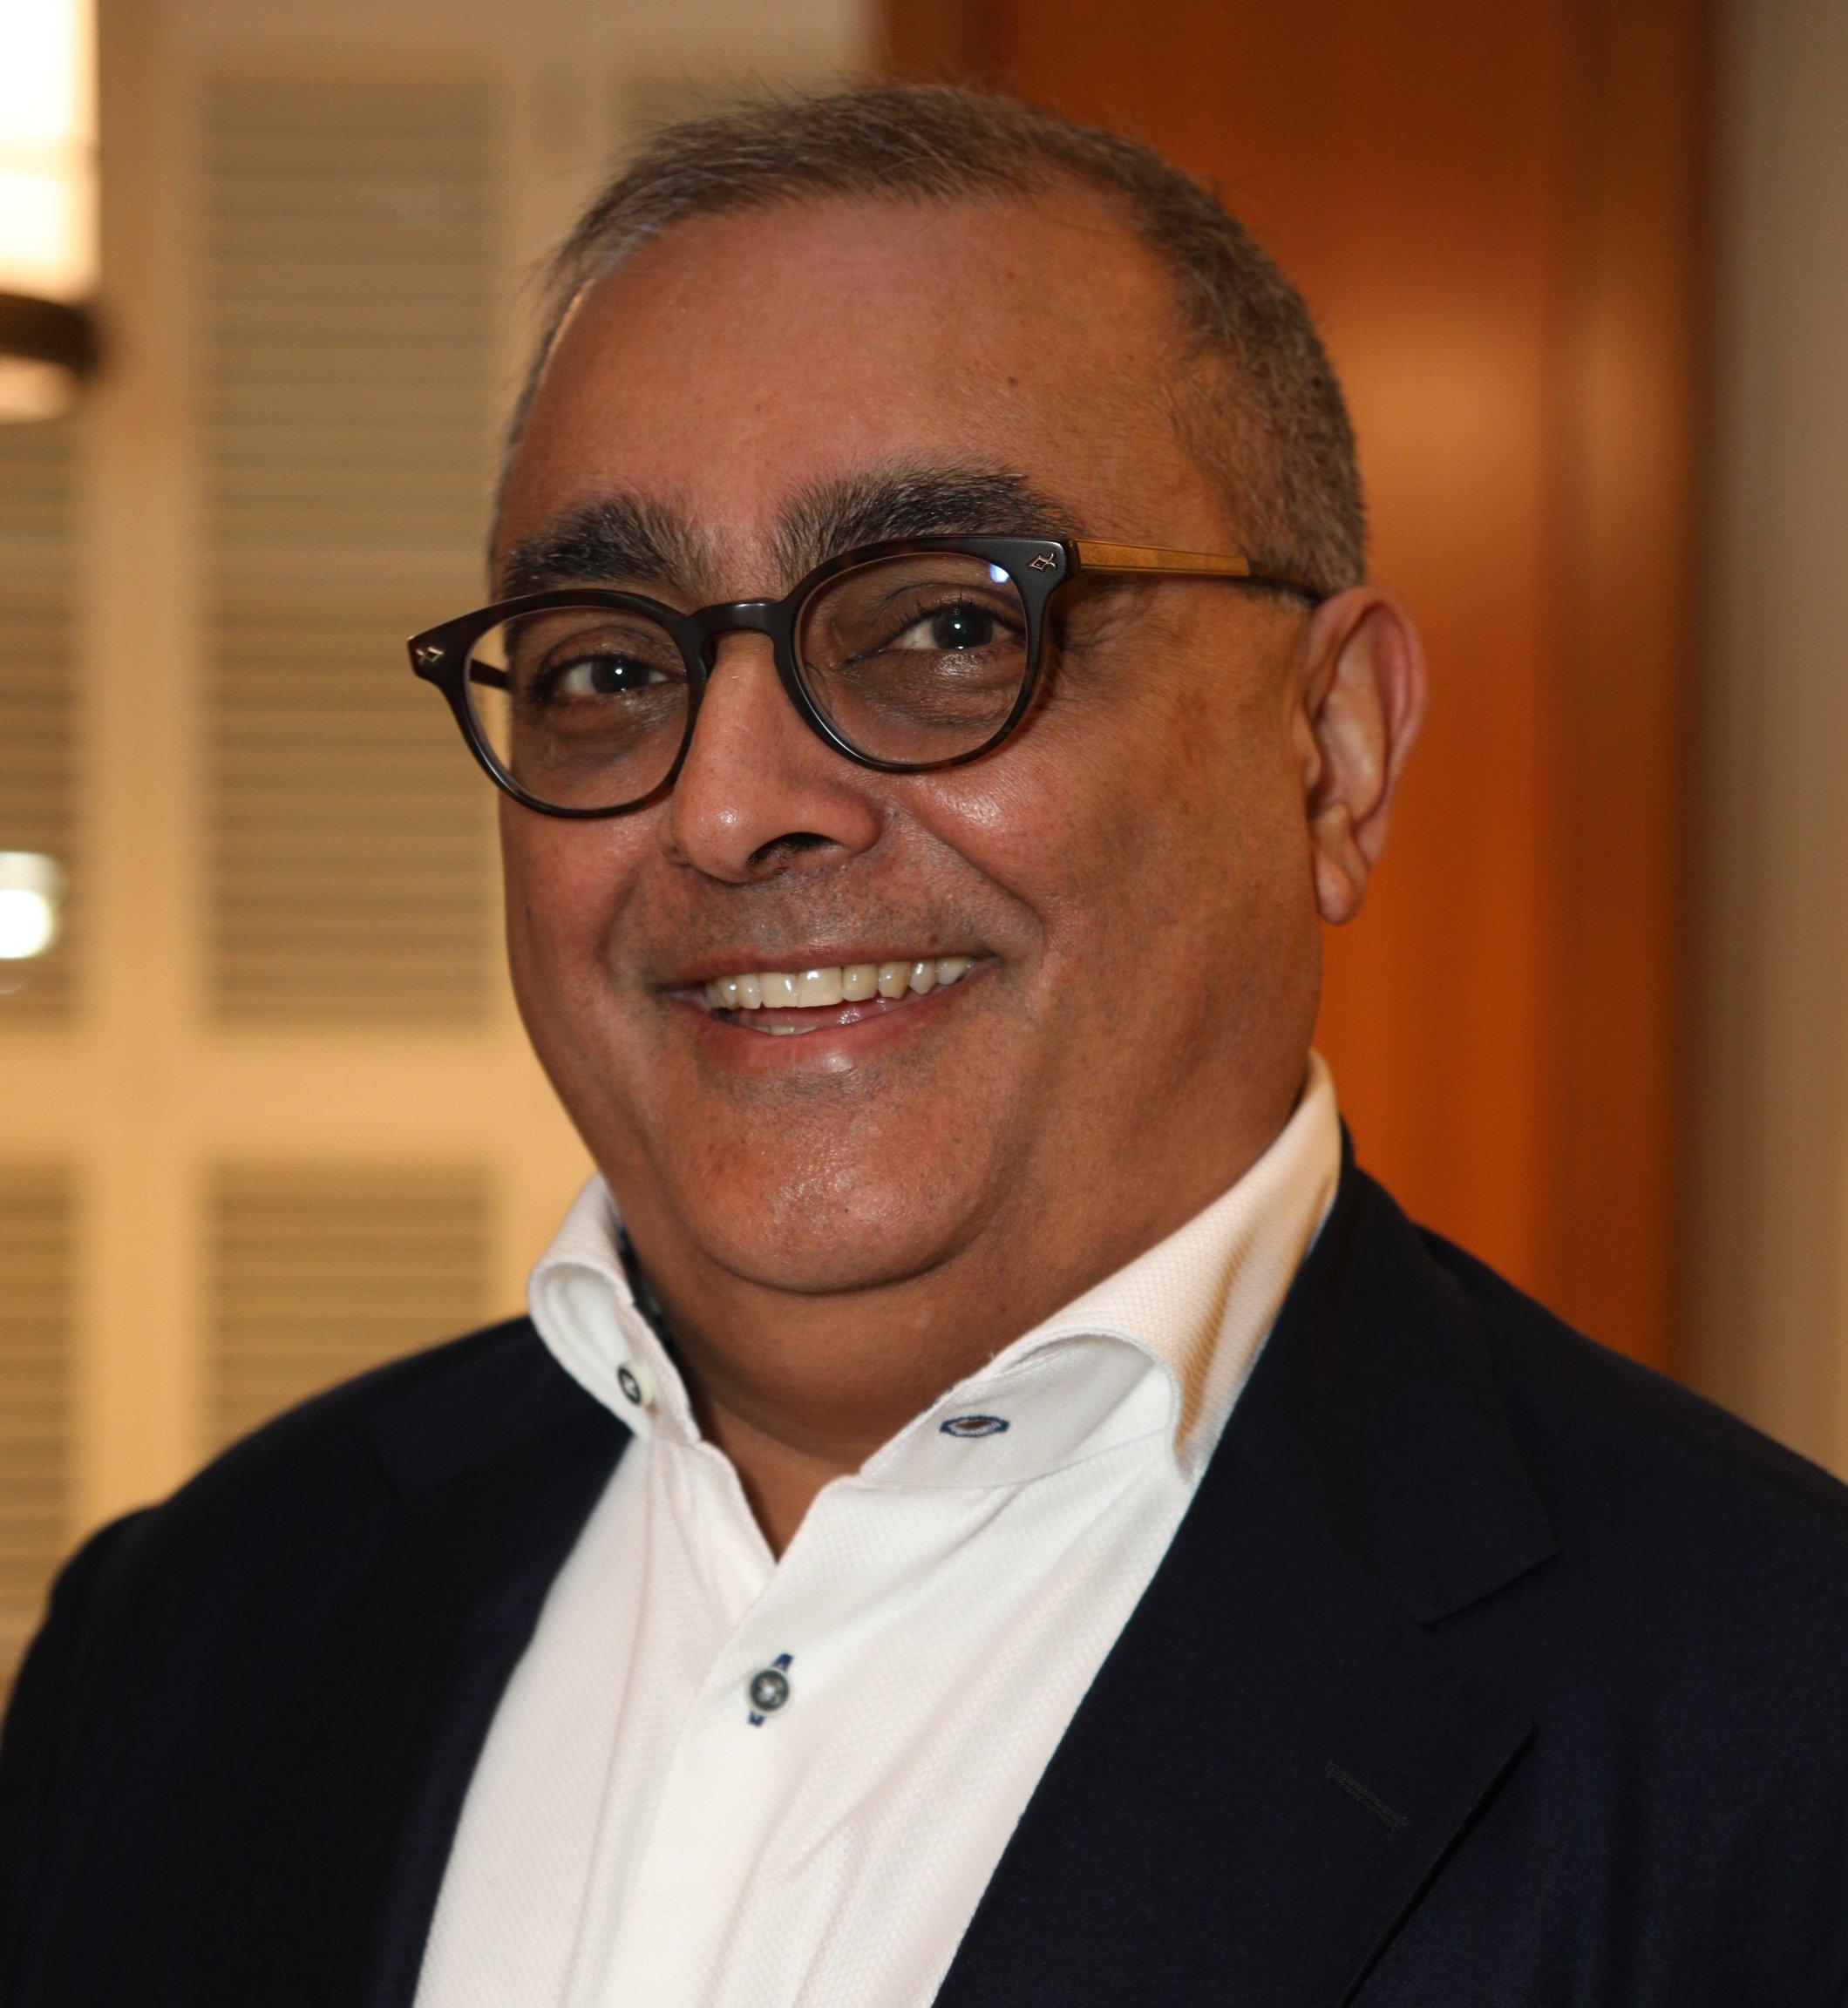 Nasir Noormohamed